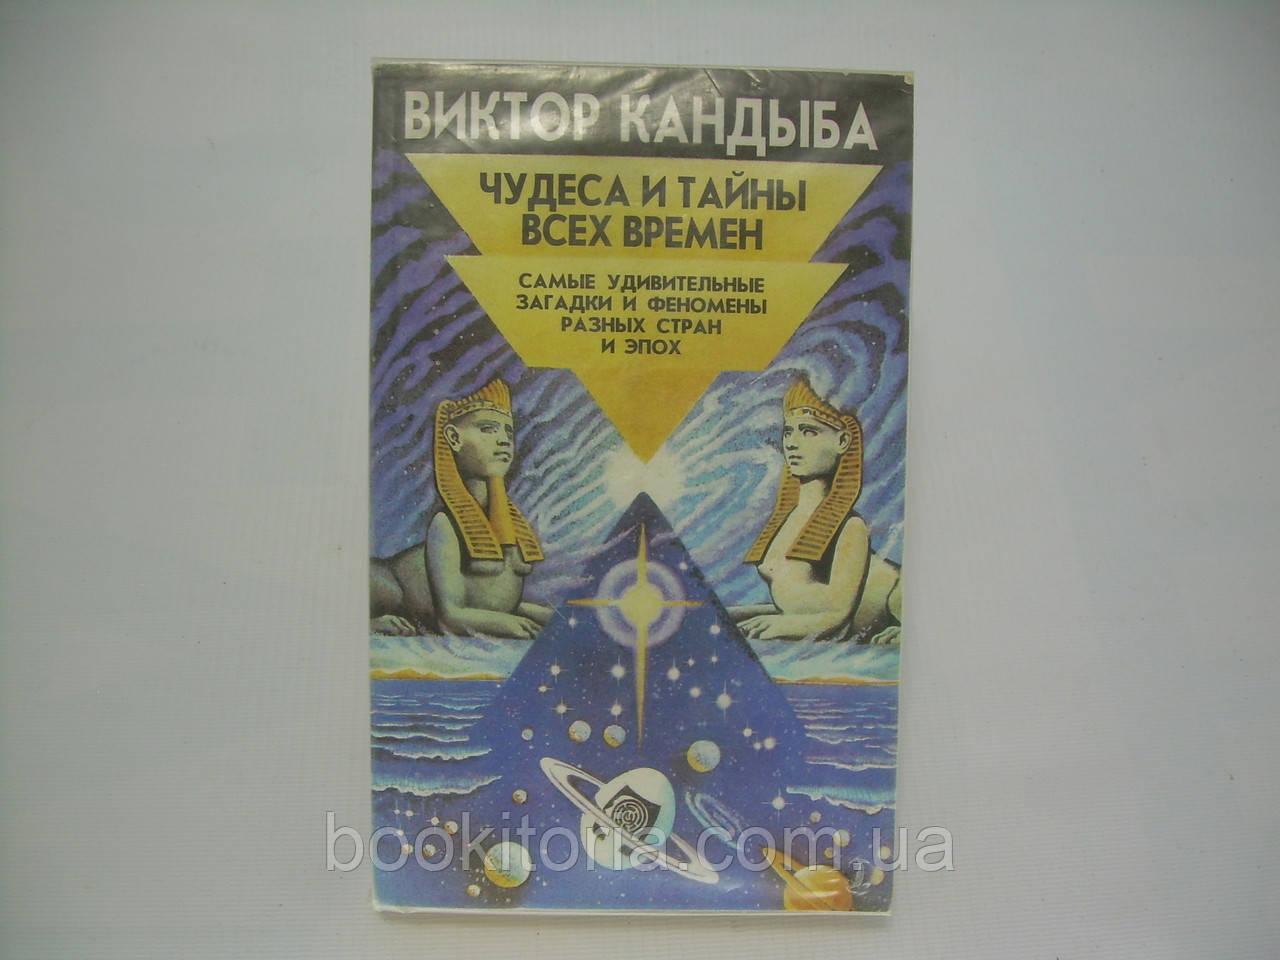 Кандыба В. Чудеса и тайны всех времен (б/у).